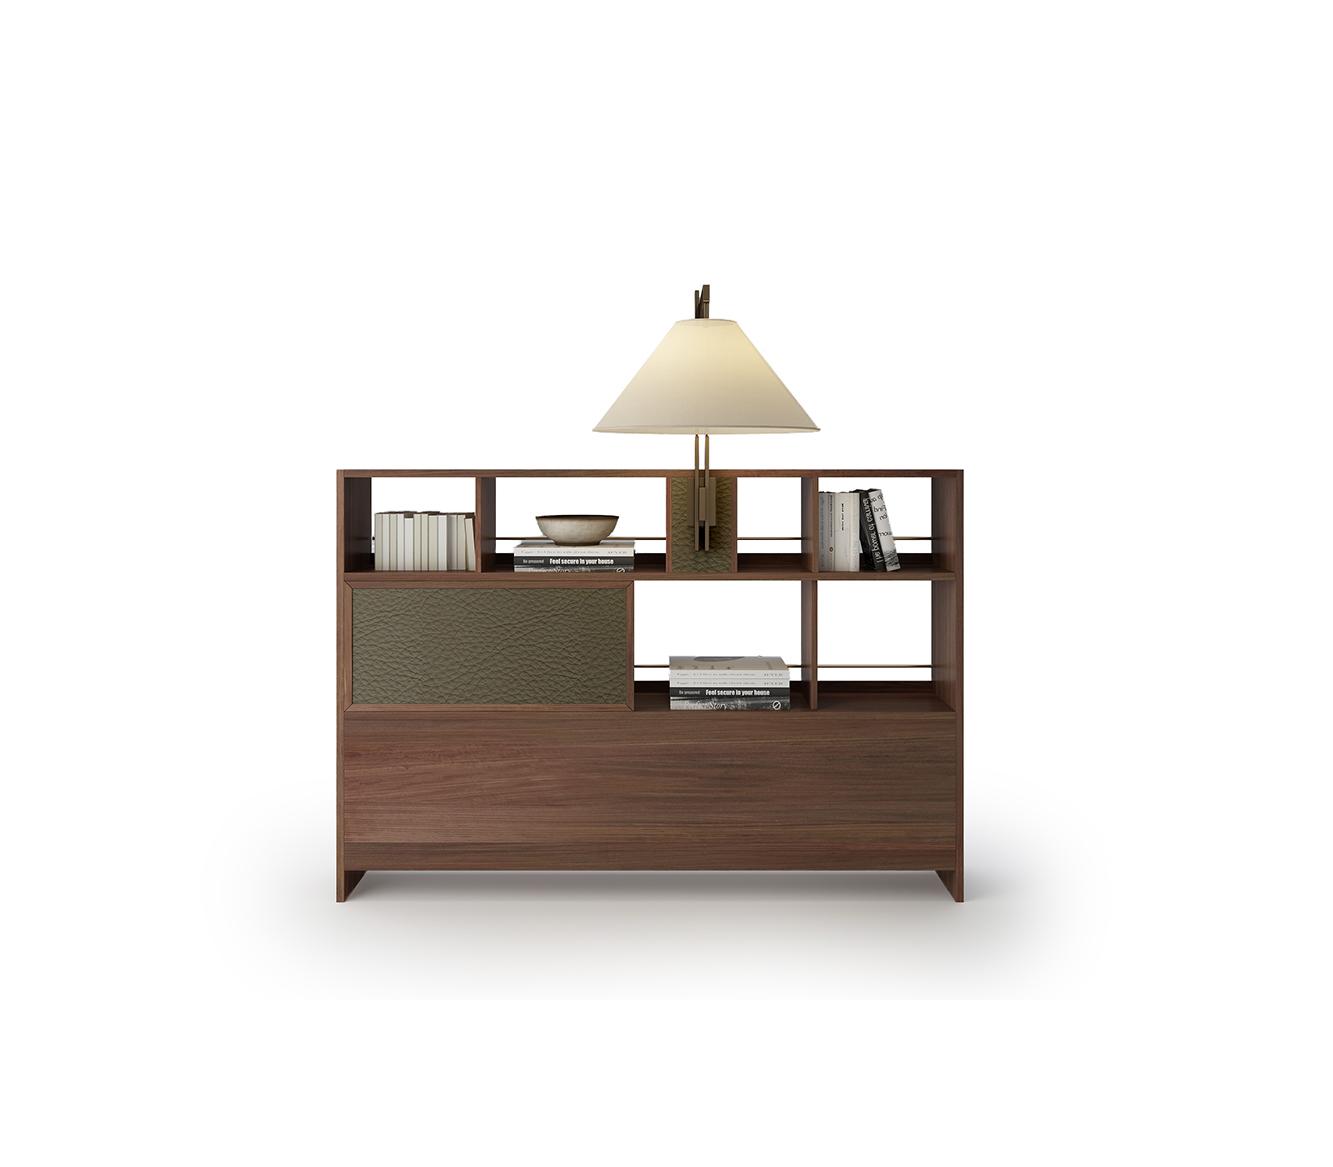 背柜 Floor Cabinet  G-27a1 / a2